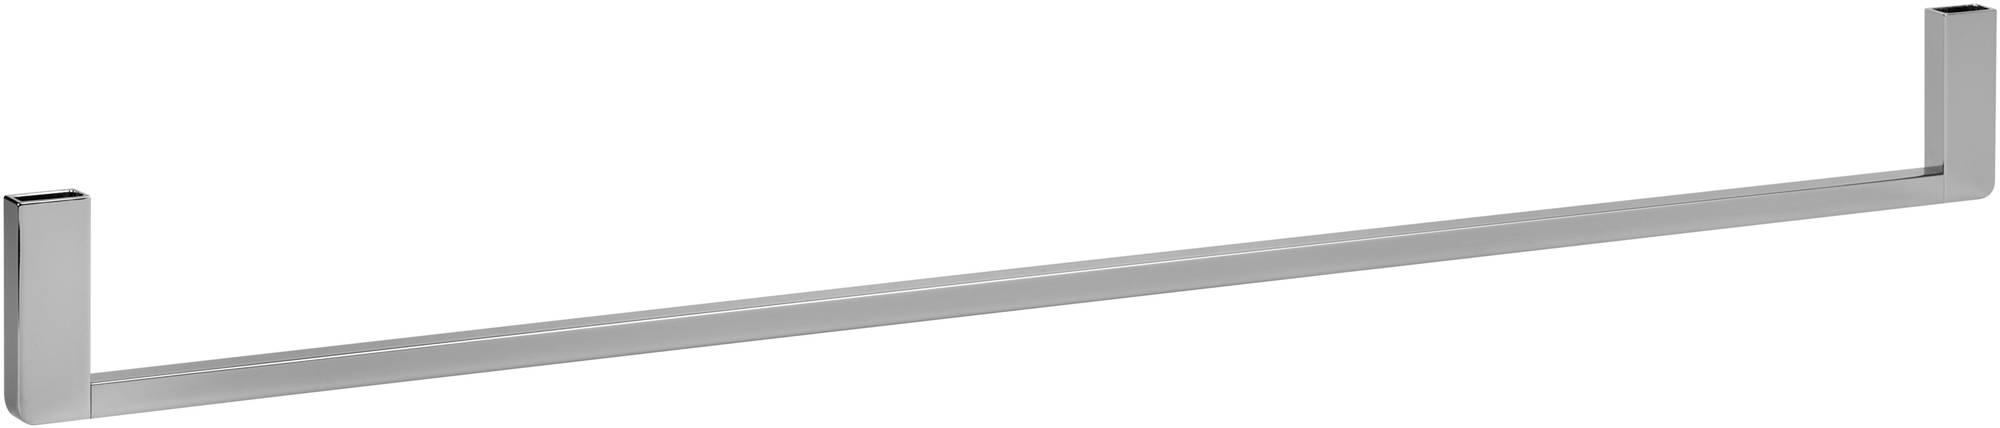 Ben Handdoekhouder voor wastafel 120cm Chroom